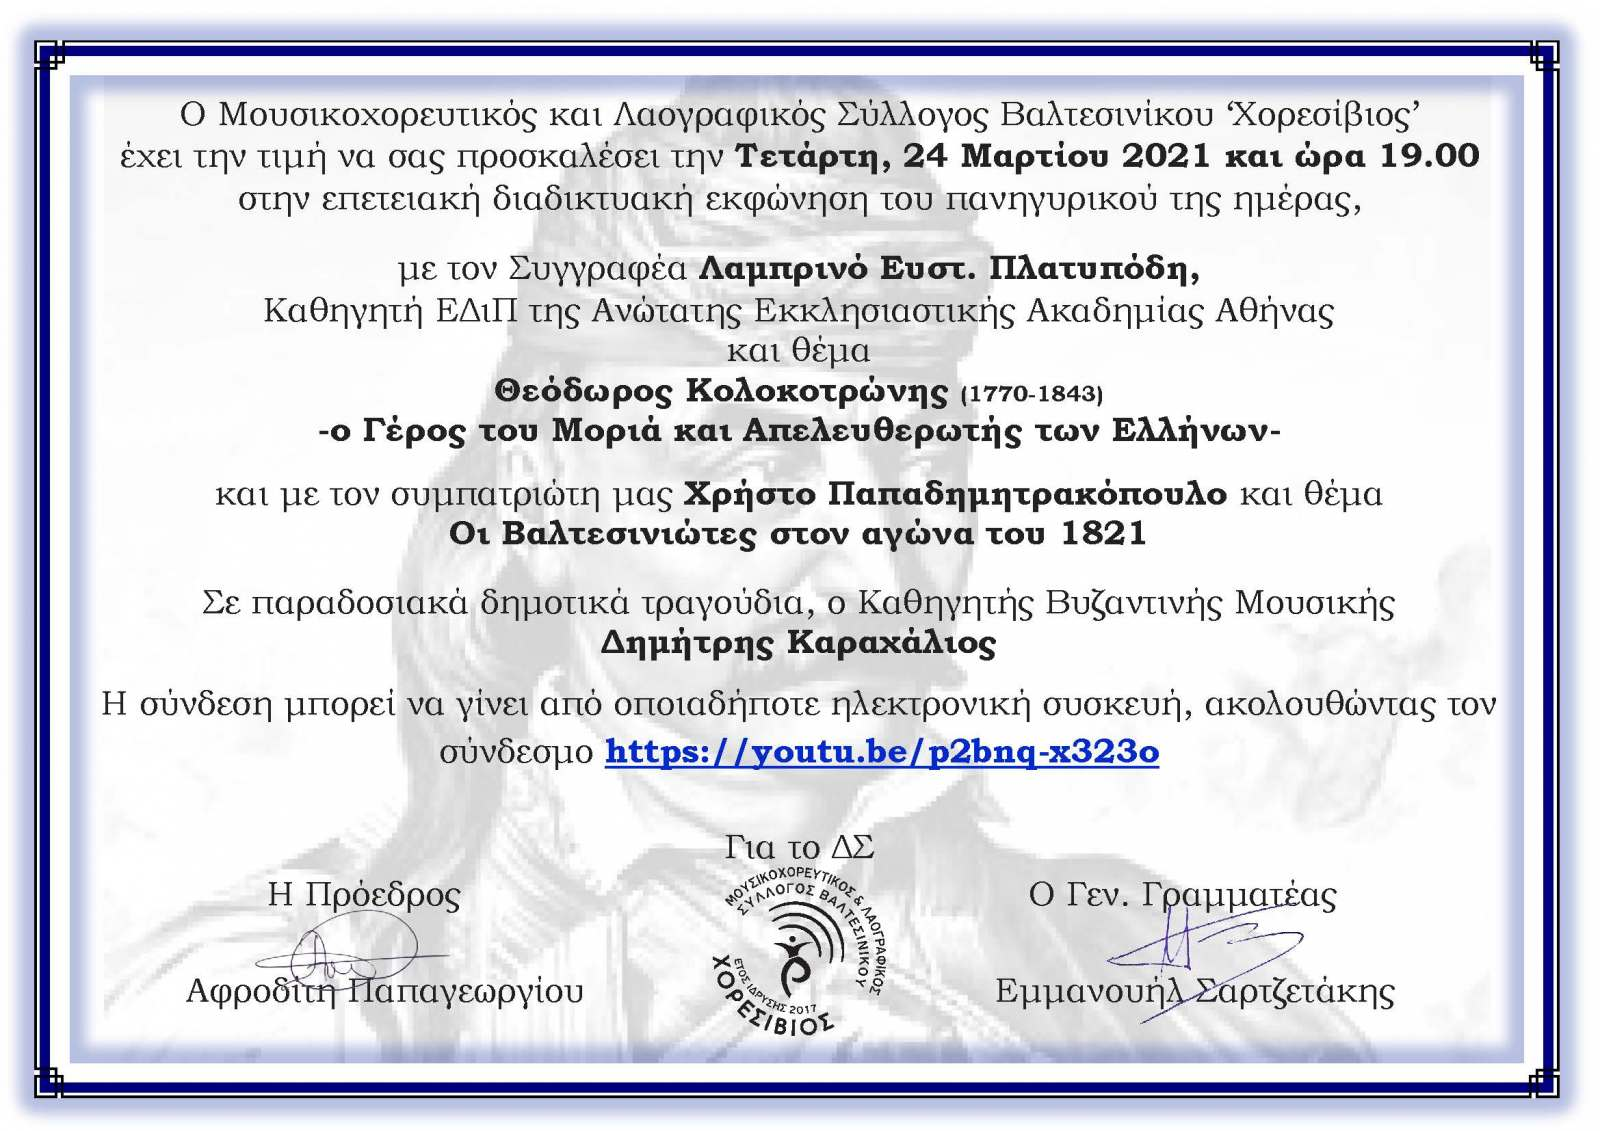 Θεόδωρος Κολοκοτρώνης(1770-1843) -ο Γέρος του Μοριά και απελευθερωτής των Ελλήνων-